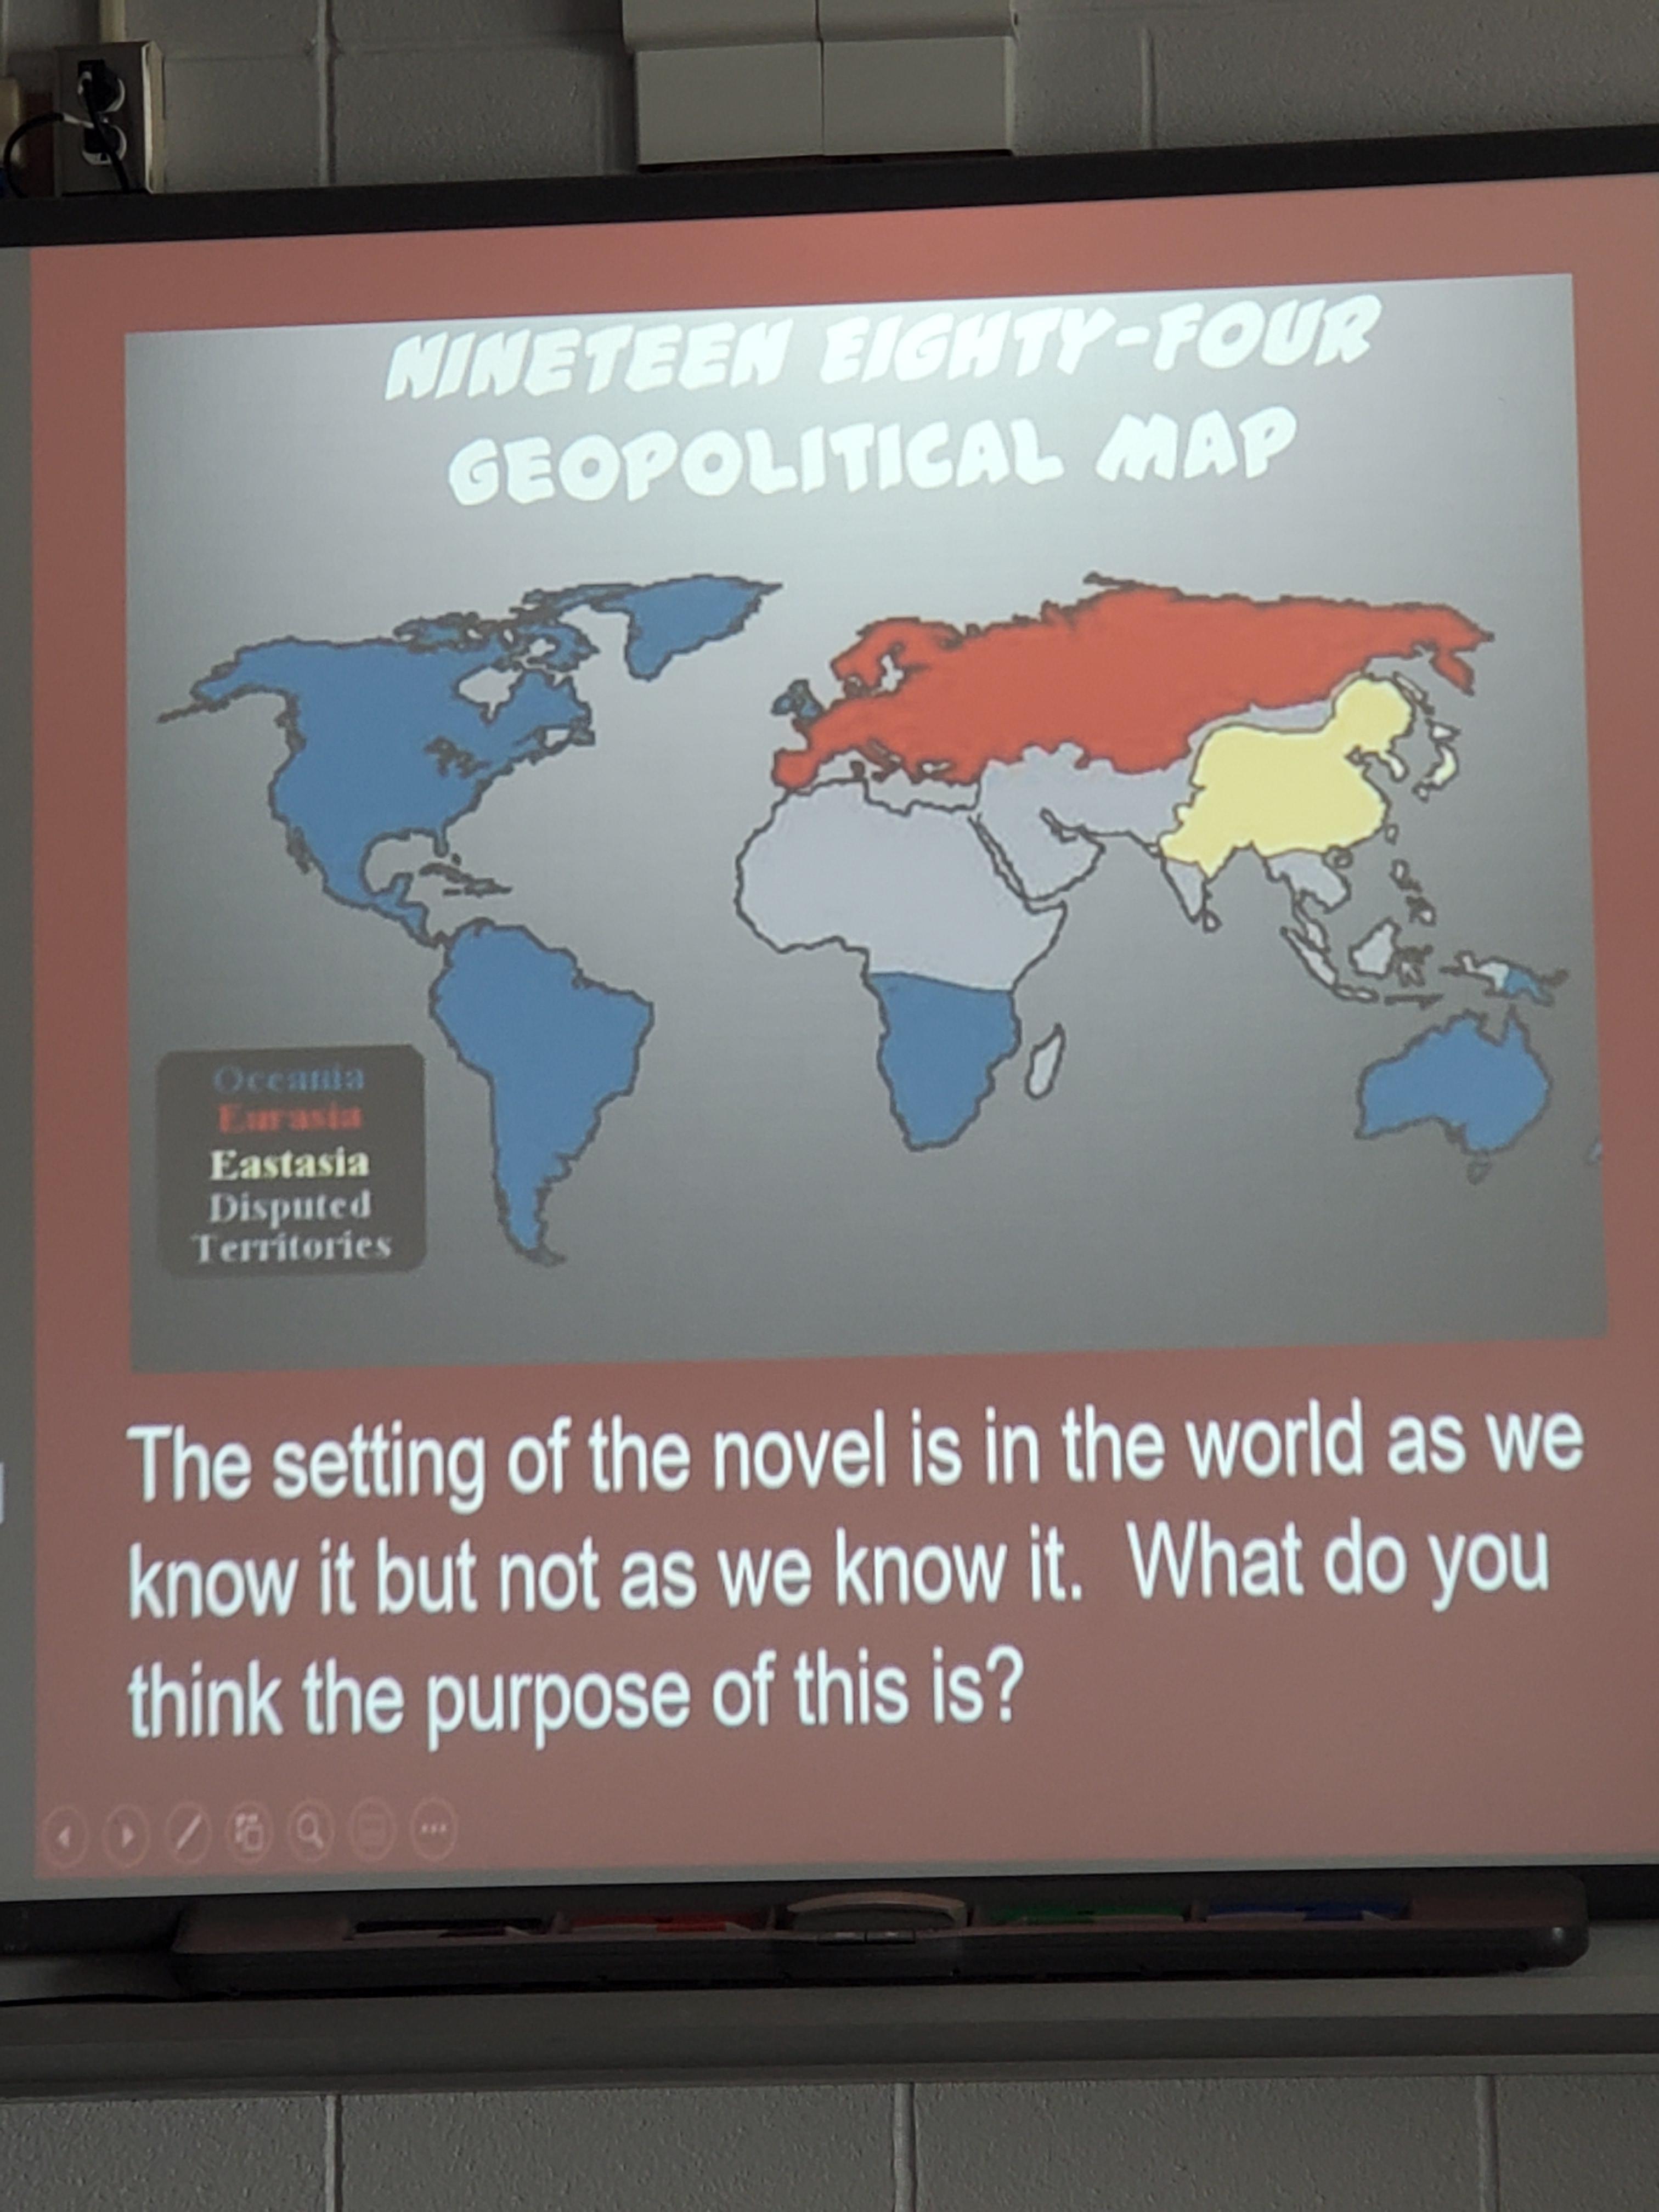 1984 Mapswithoutnz